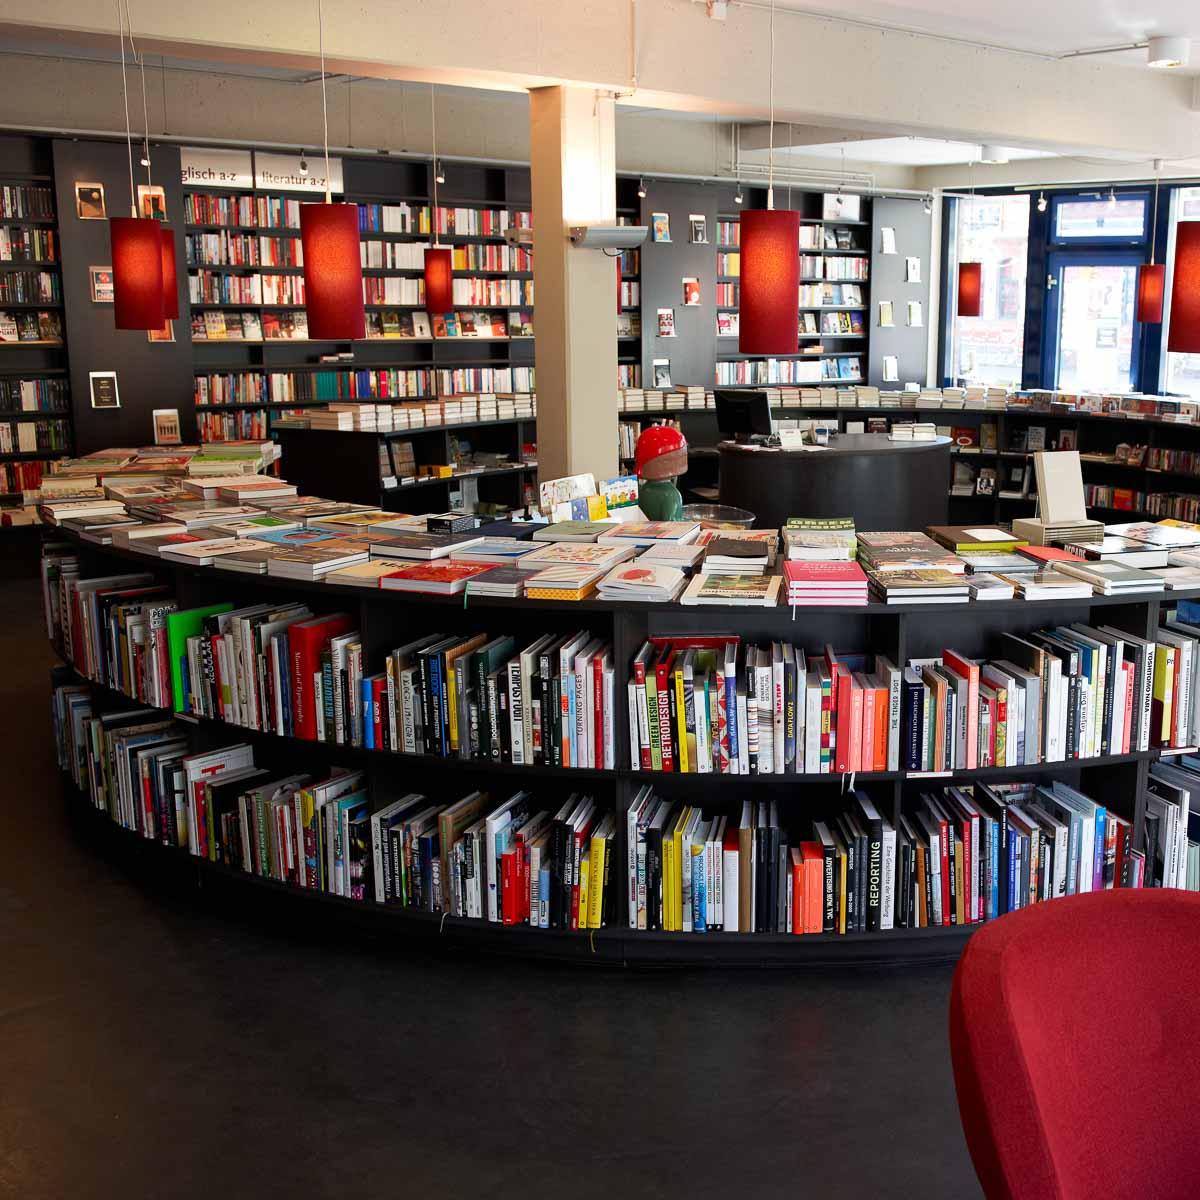 Cafe mit buchladen innendesign bilder  Cohen + Dobernigg Buchhandlung im Schanzenviertel - Hamburg | CREME ...